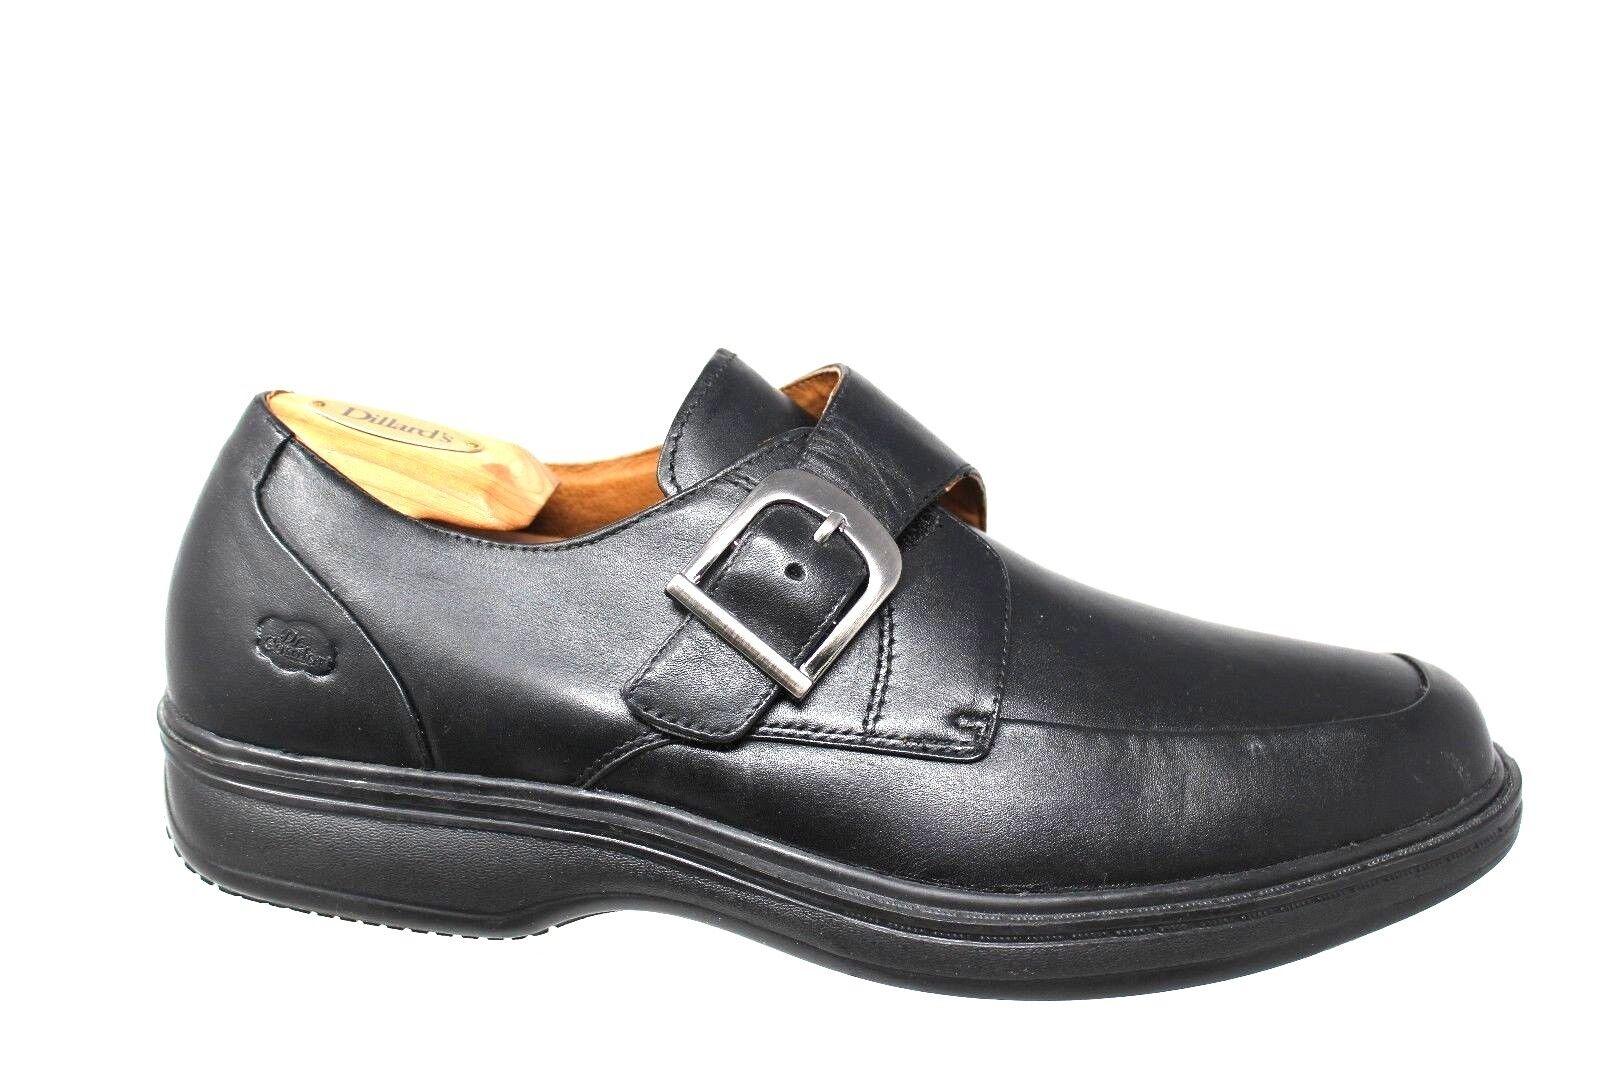 Dr. Comfort 8210 Leader Monk Strap Moc Toe Smooth Leather Loafer Men's US 12W